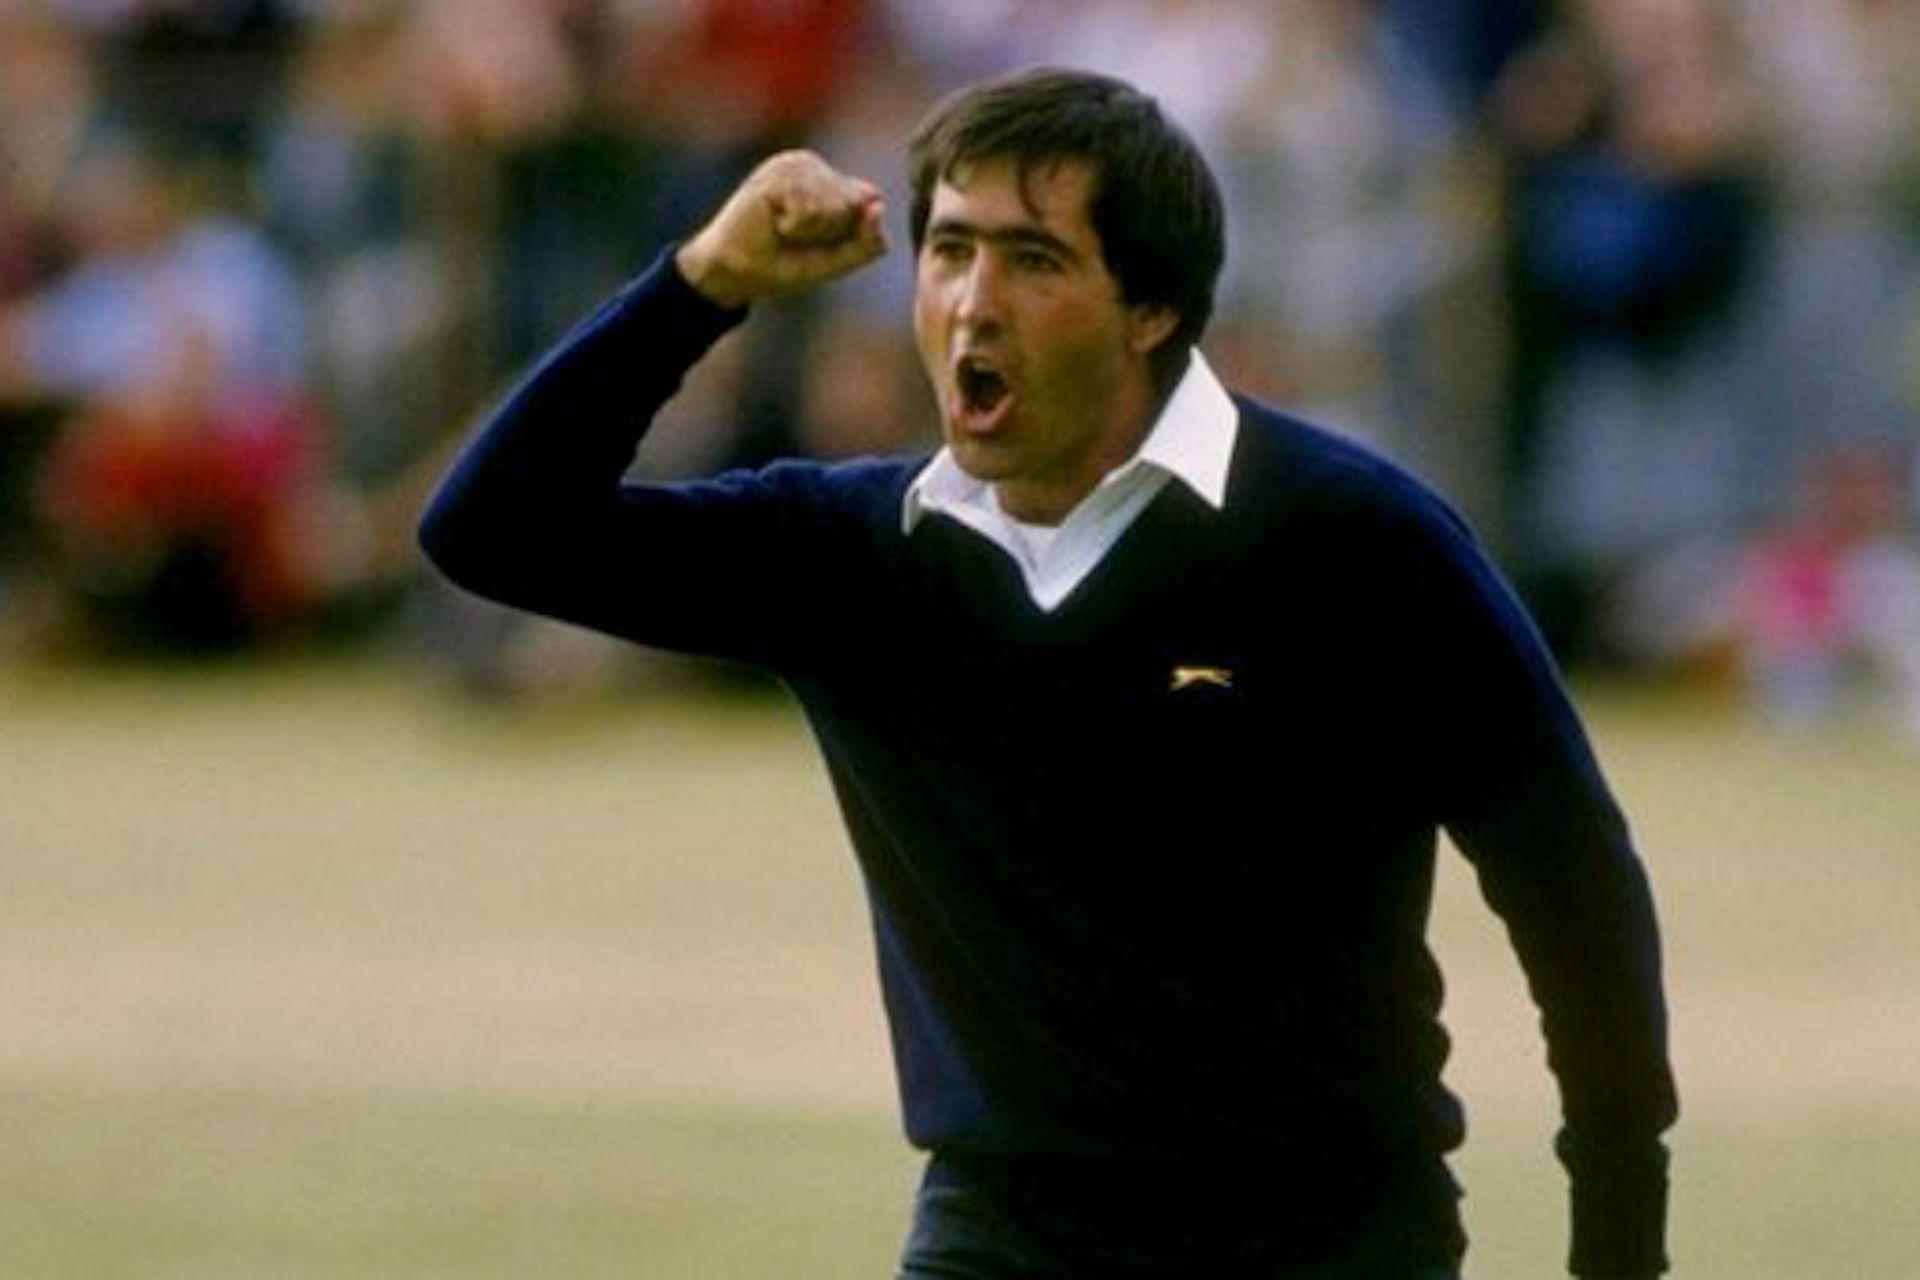 El festejo inolvidable luego de un birdie decisivo en el Open Británico de 1984